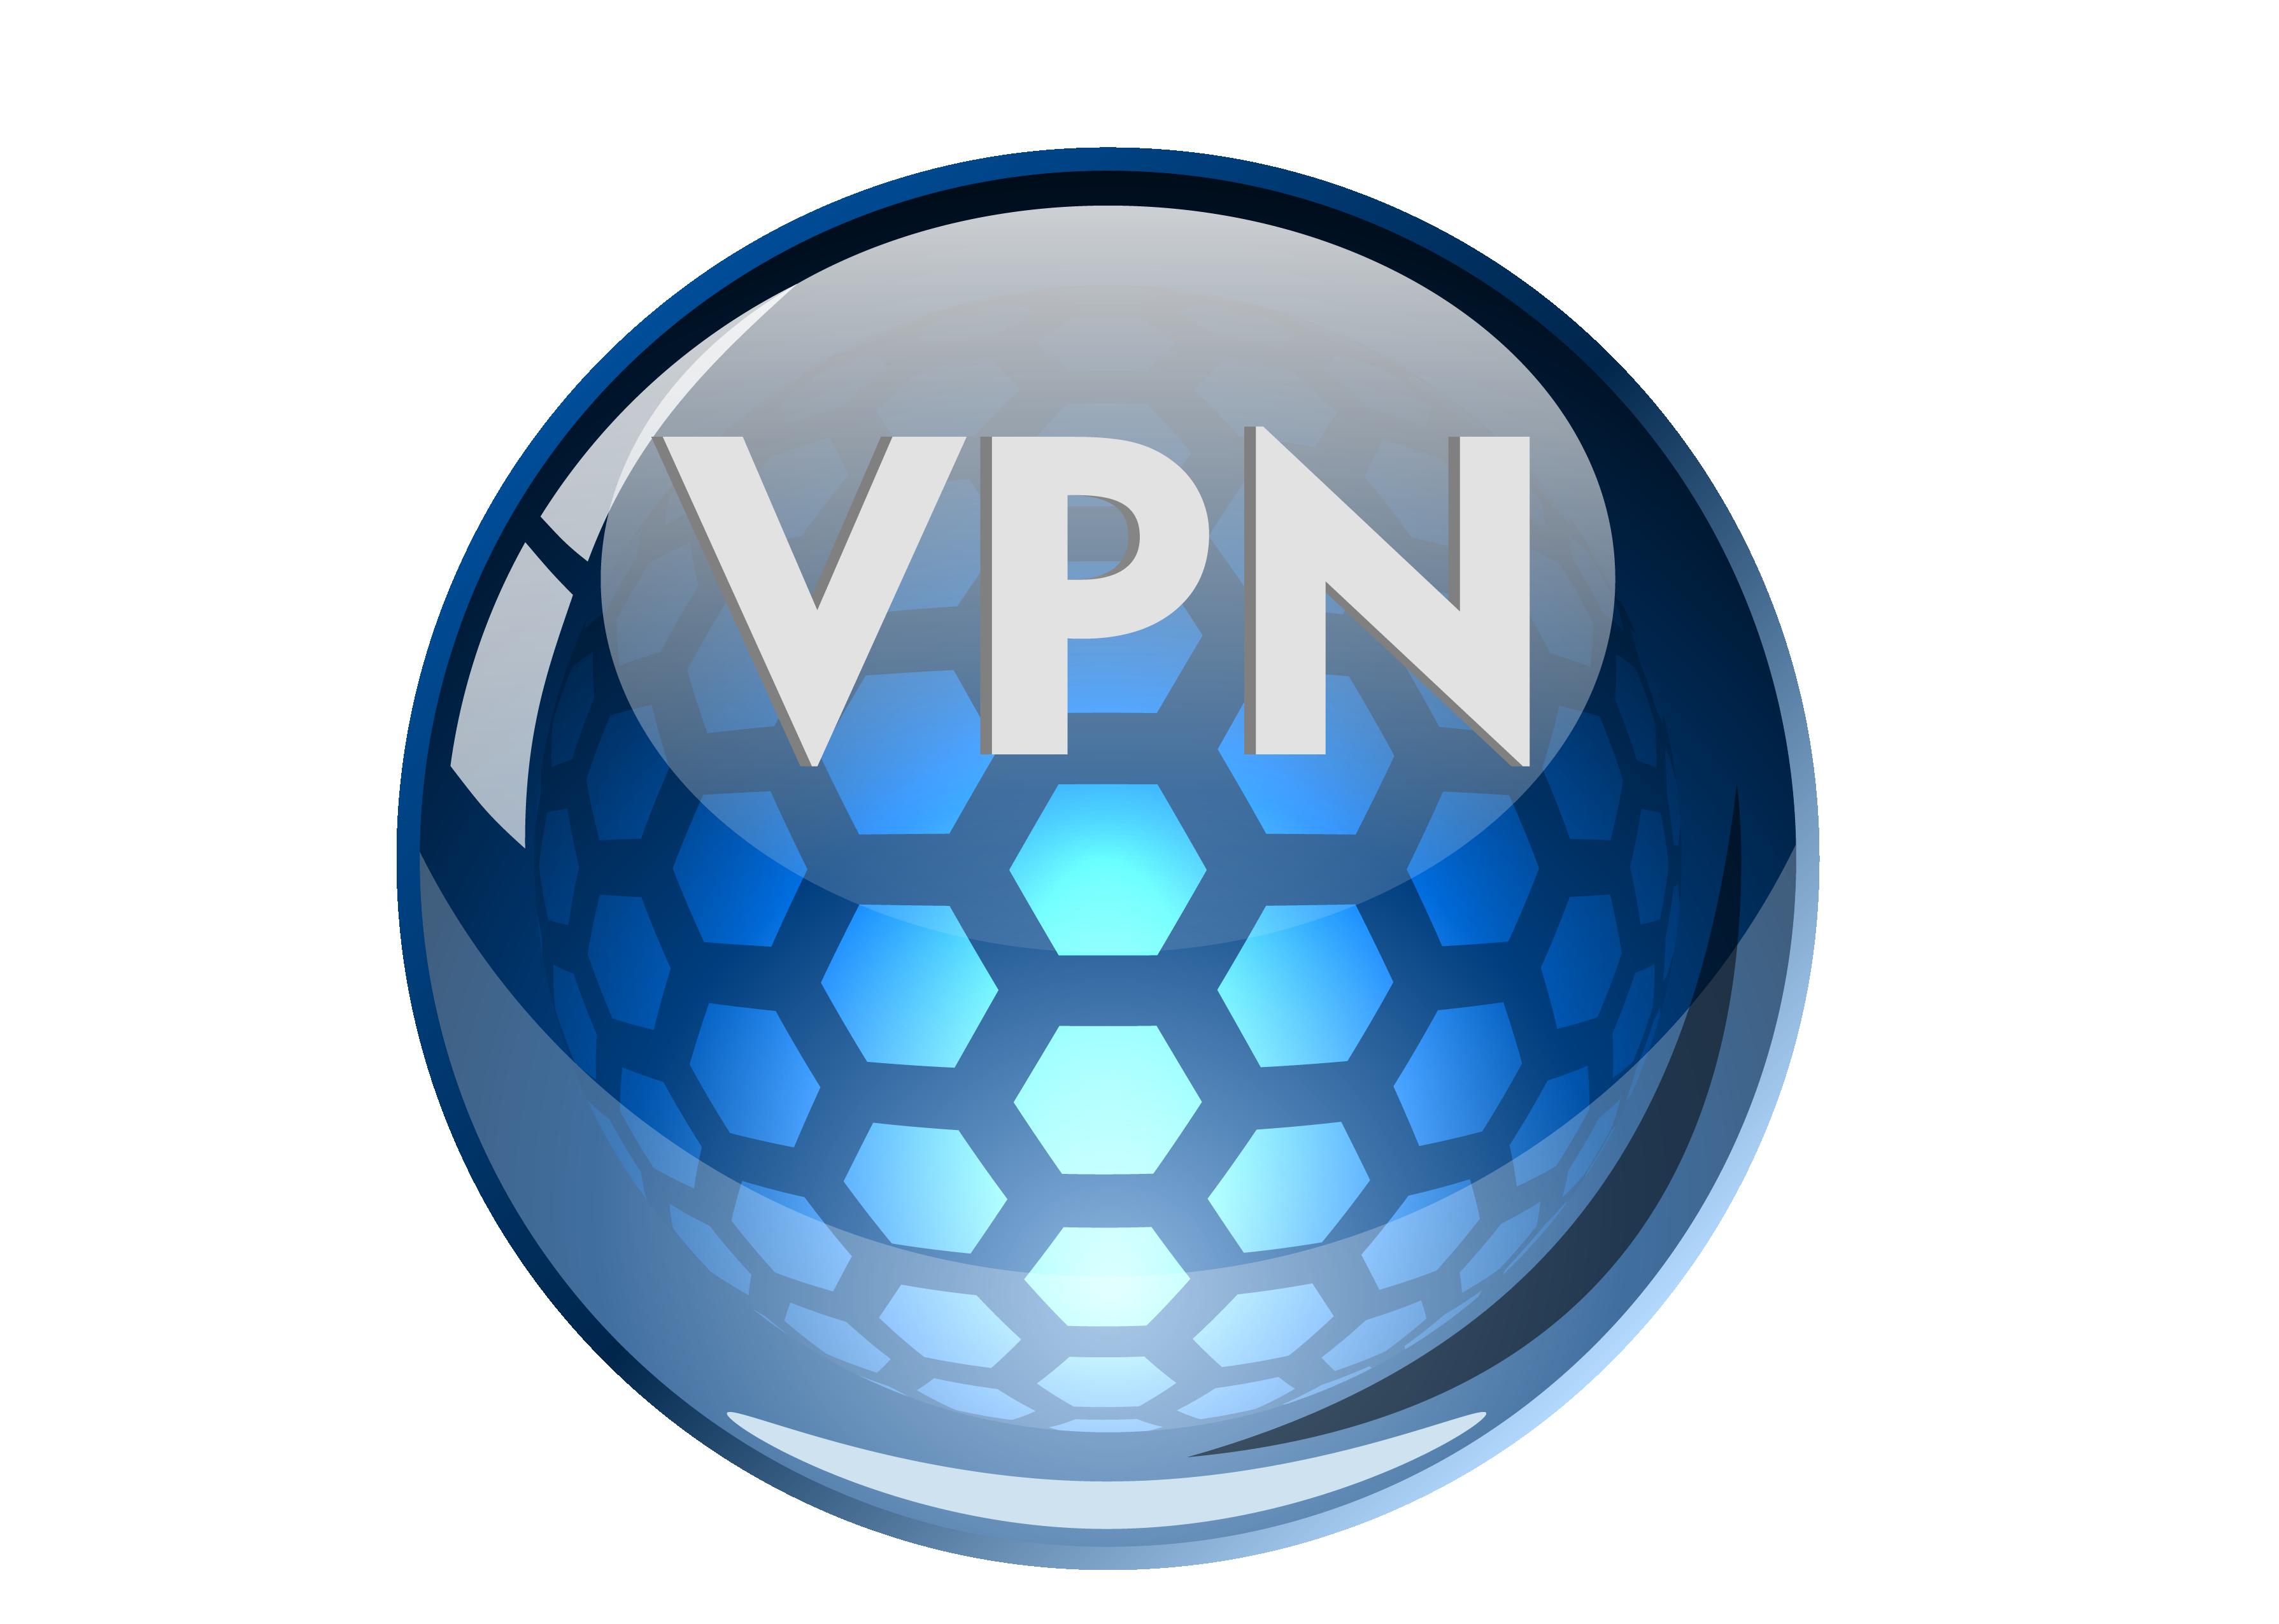 深信服虚拟VPN授权【店铺迁移,请到新店铺购买授权】